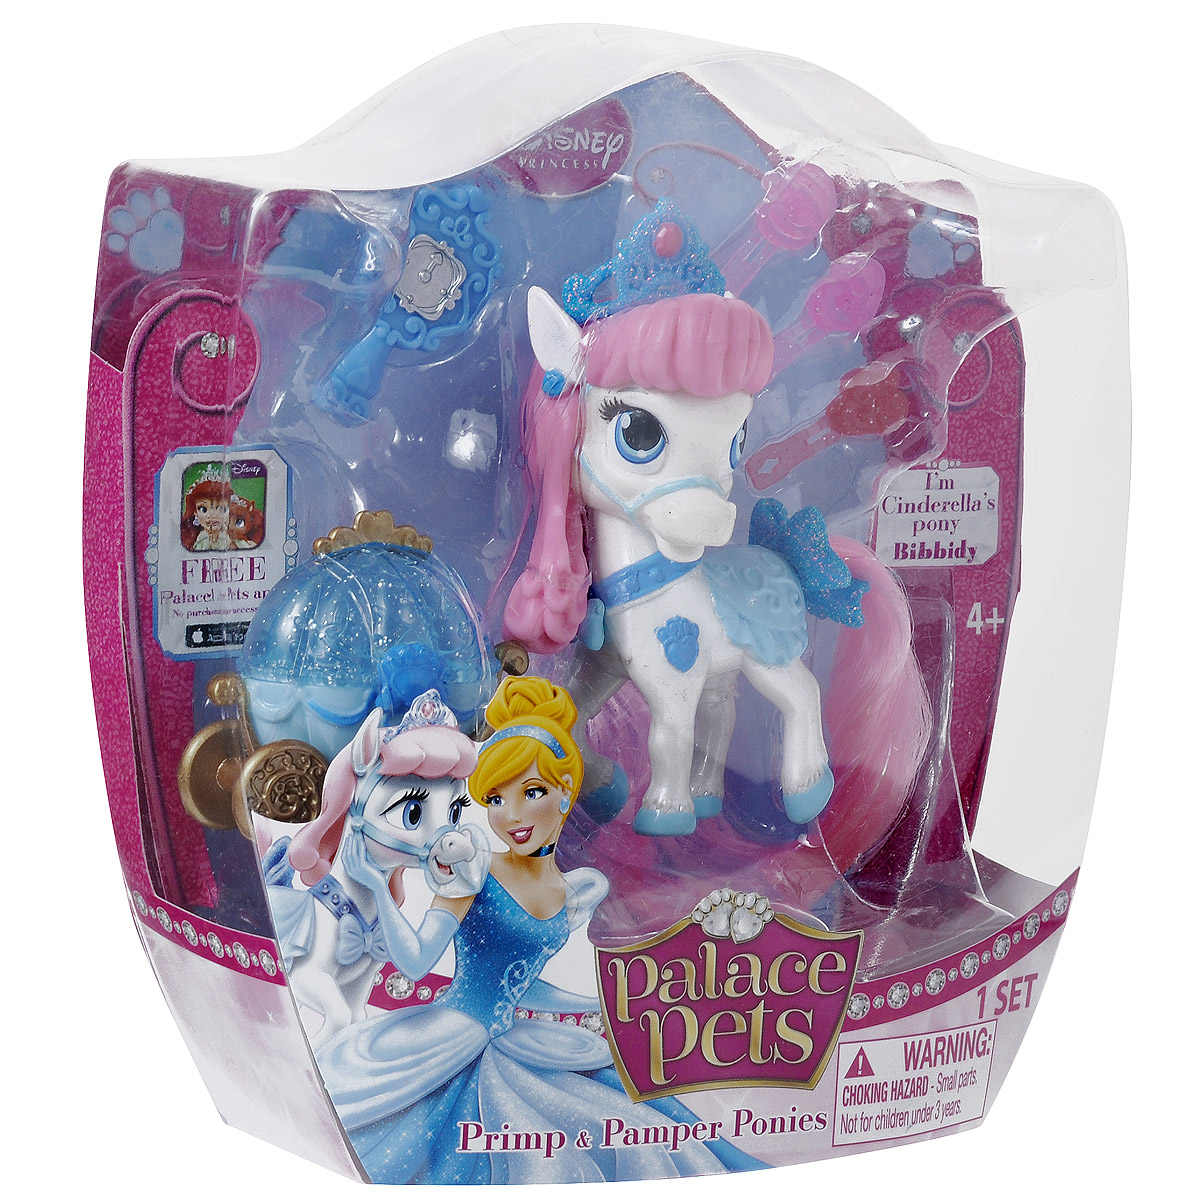 Palace Pets Пони Питомец Золушки игровые наборы palace pets мини коллекция набор котенок тианы лили и пони рапунцель blondie 2 фигурки